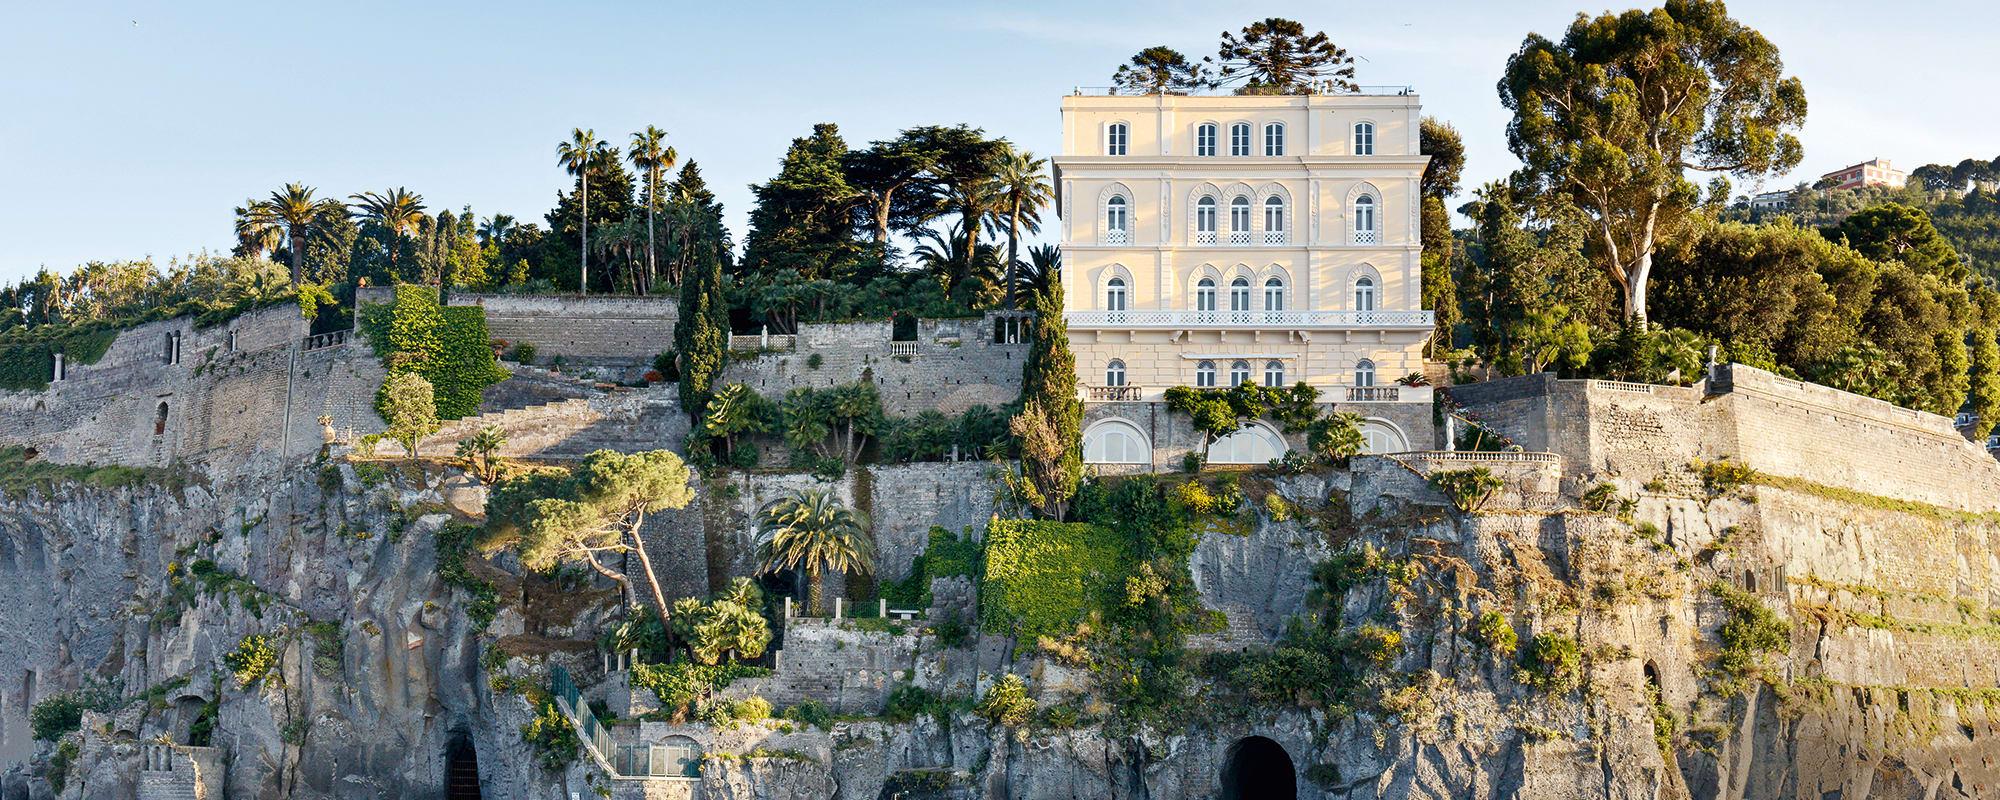 Villa Astor, Jacques Garcia